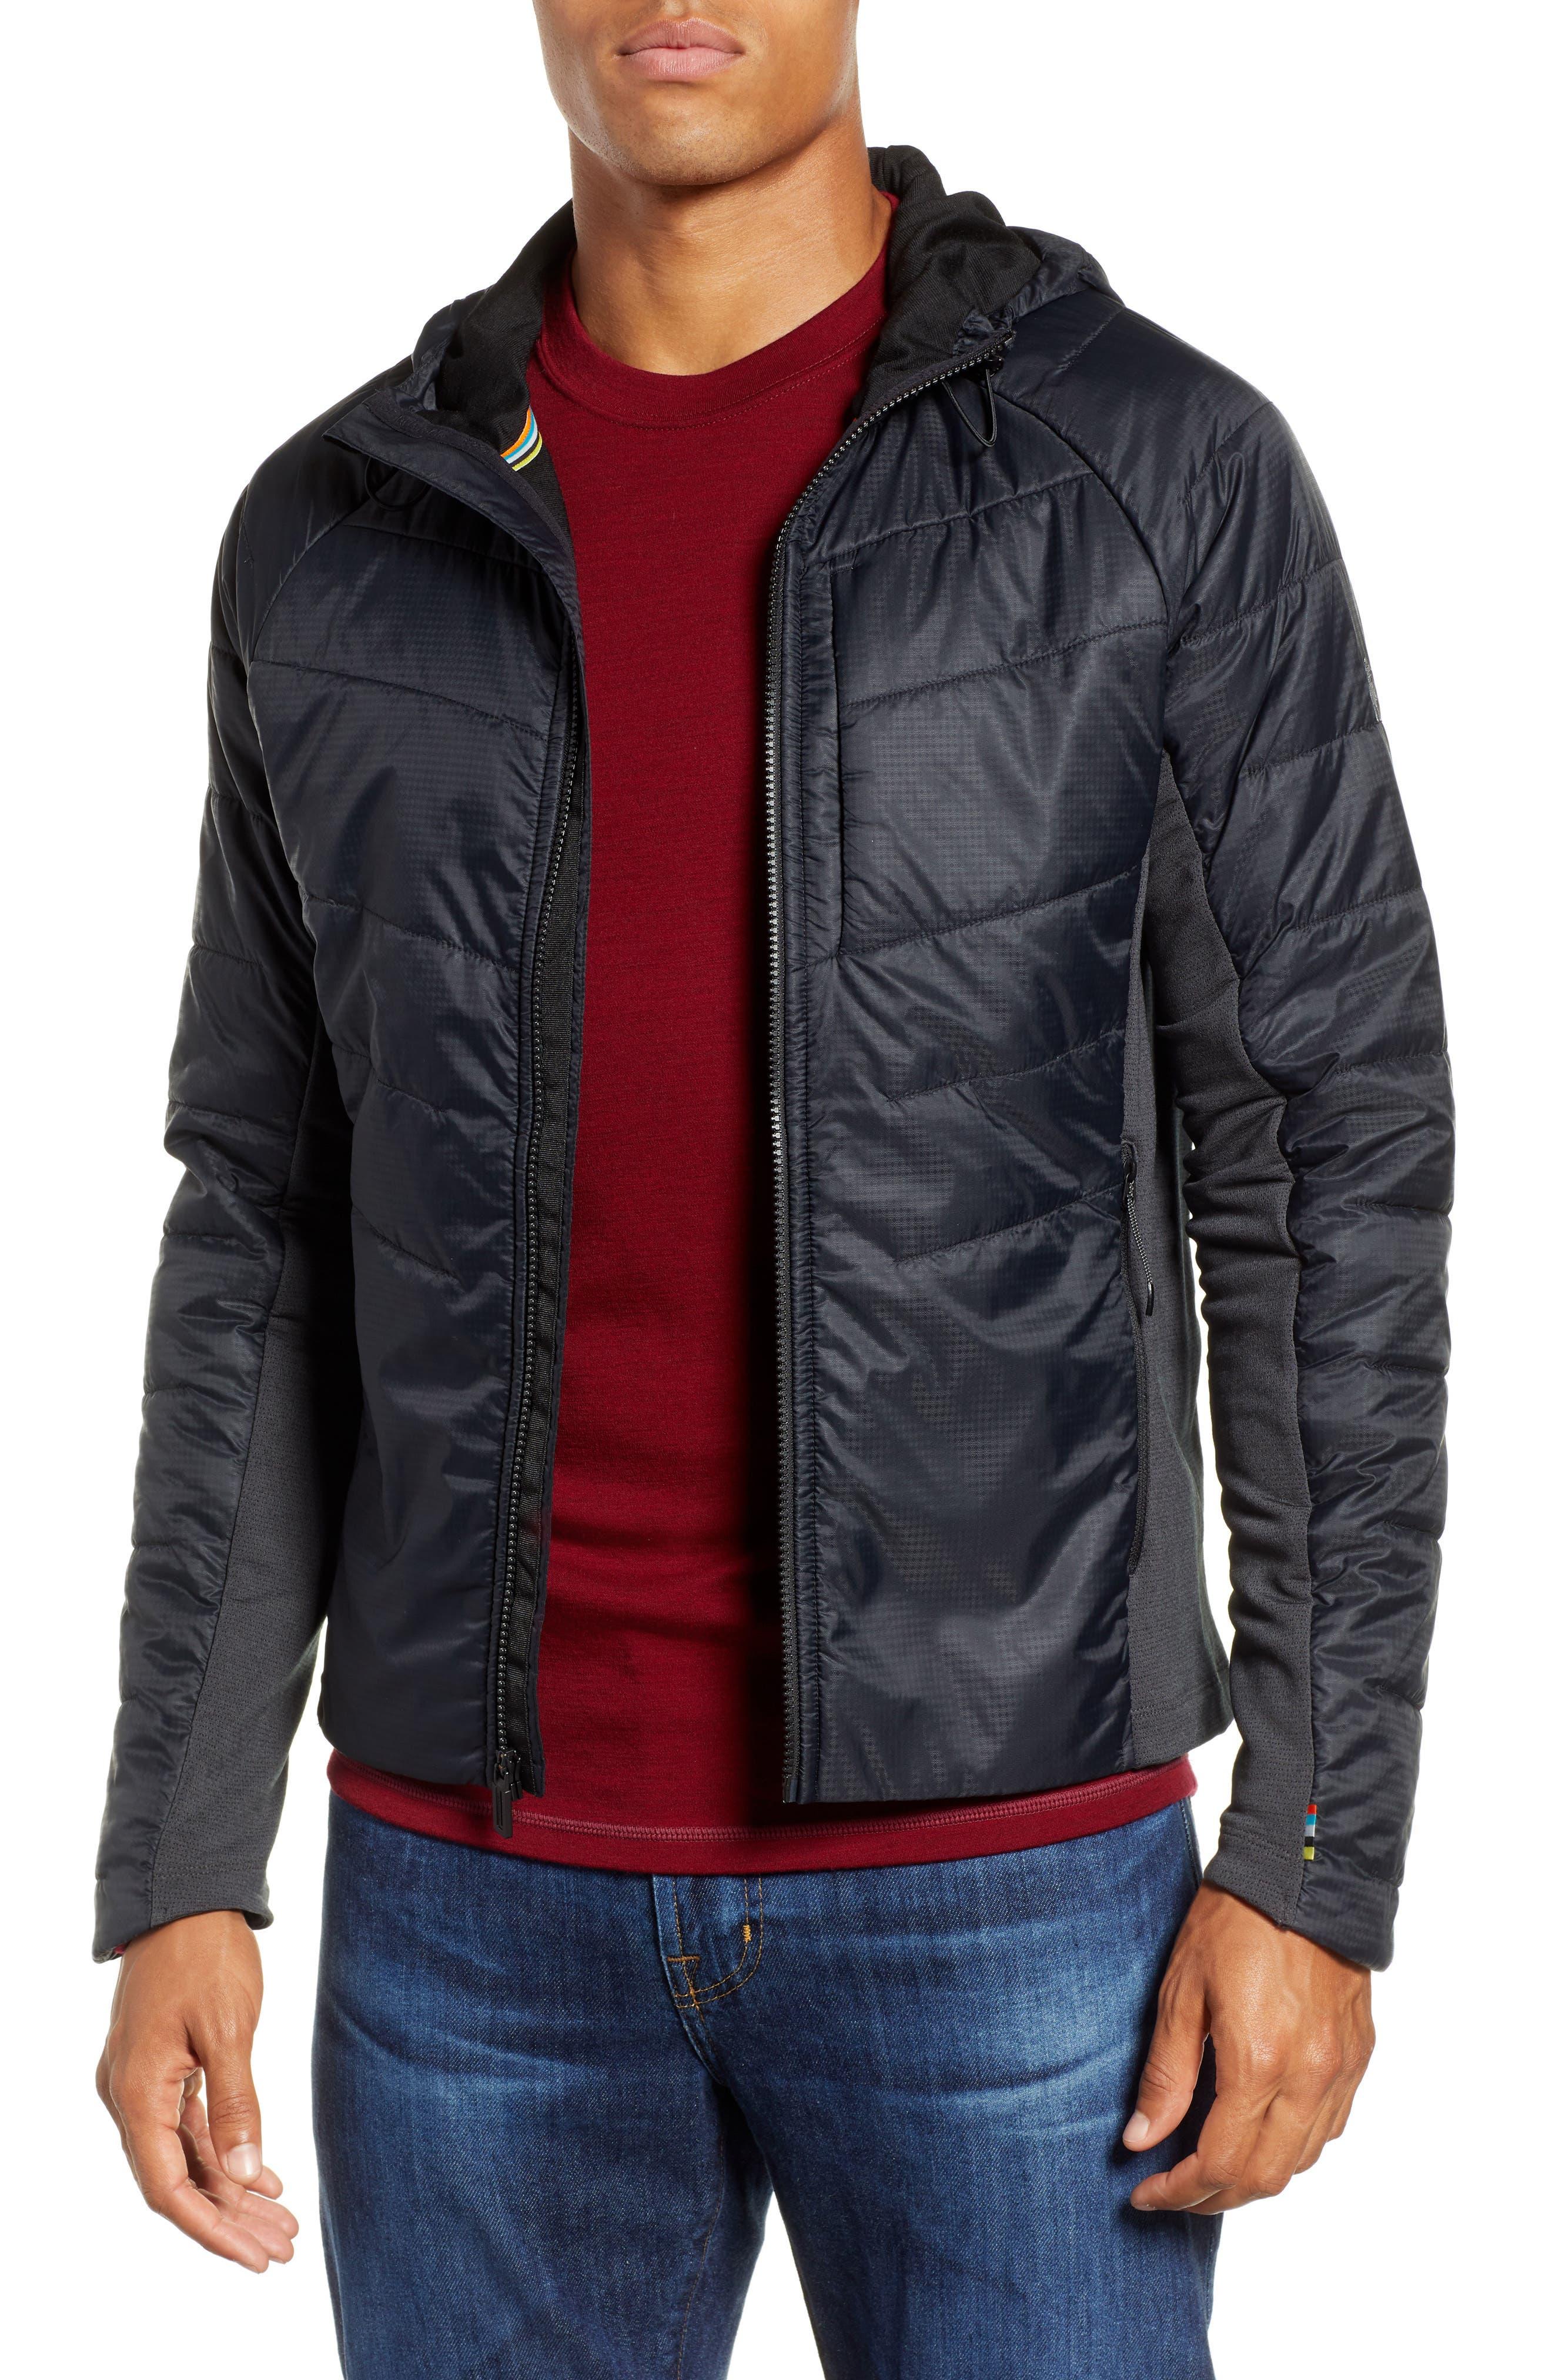 Smartloft 60 Hooded Jacket,                         Main,                         color, BLACK